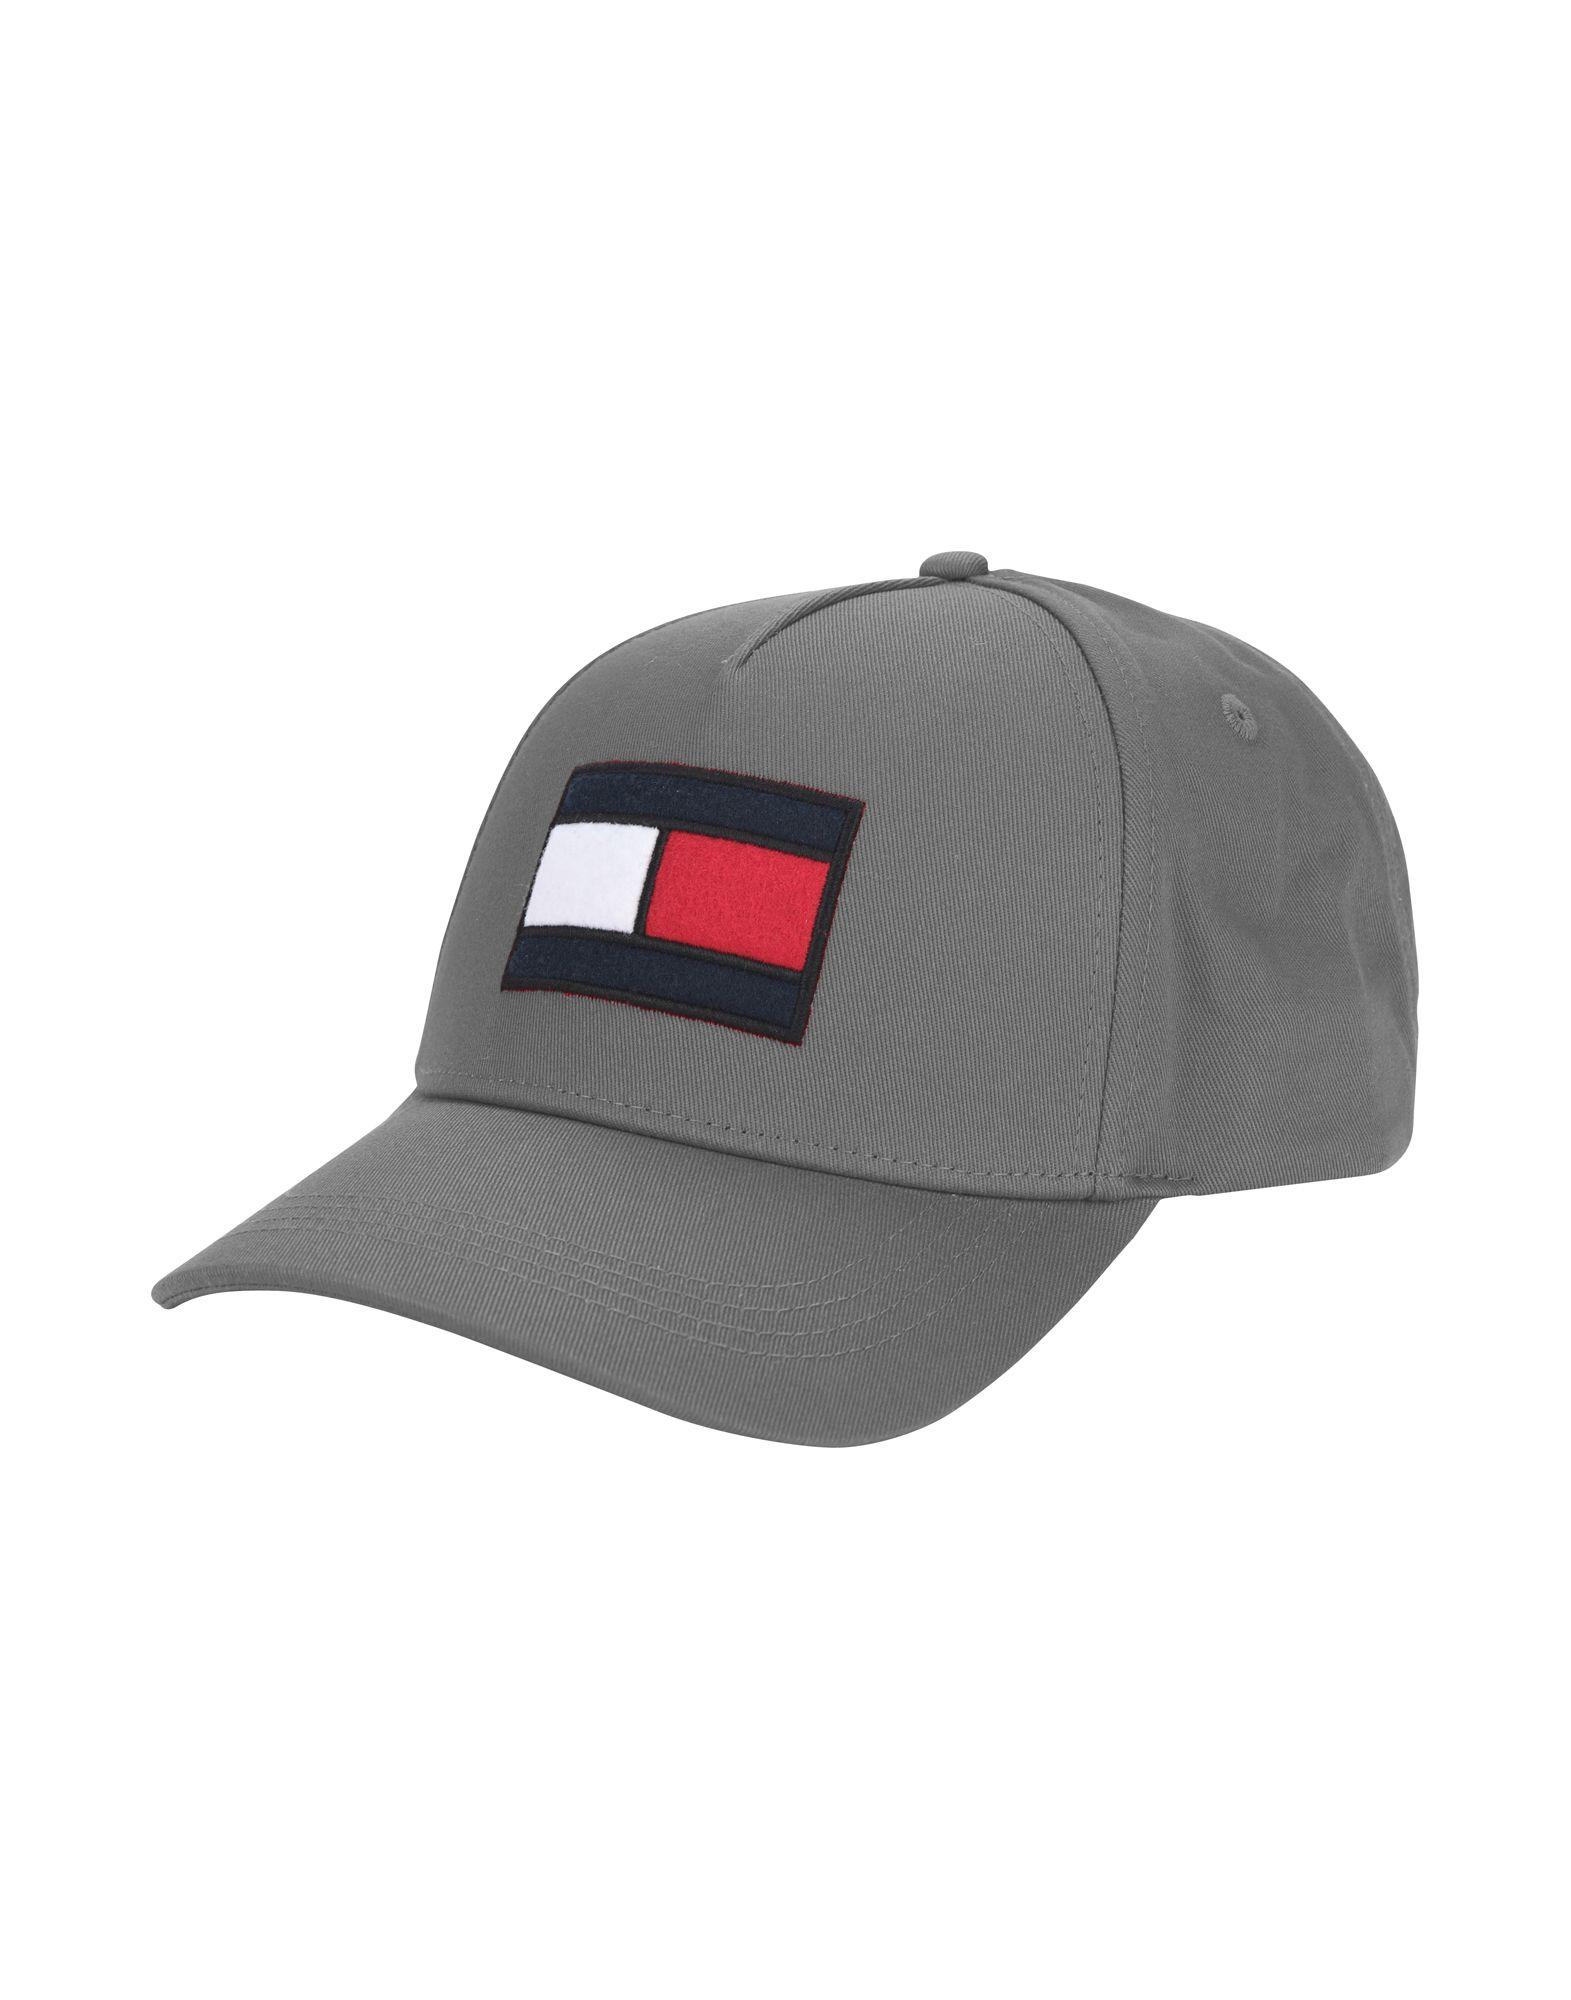 fe6d9593e985a Tommy Hilfiger Hat - Men Tommy Hilfiger Hats online on YOOX Sweden -  46610351